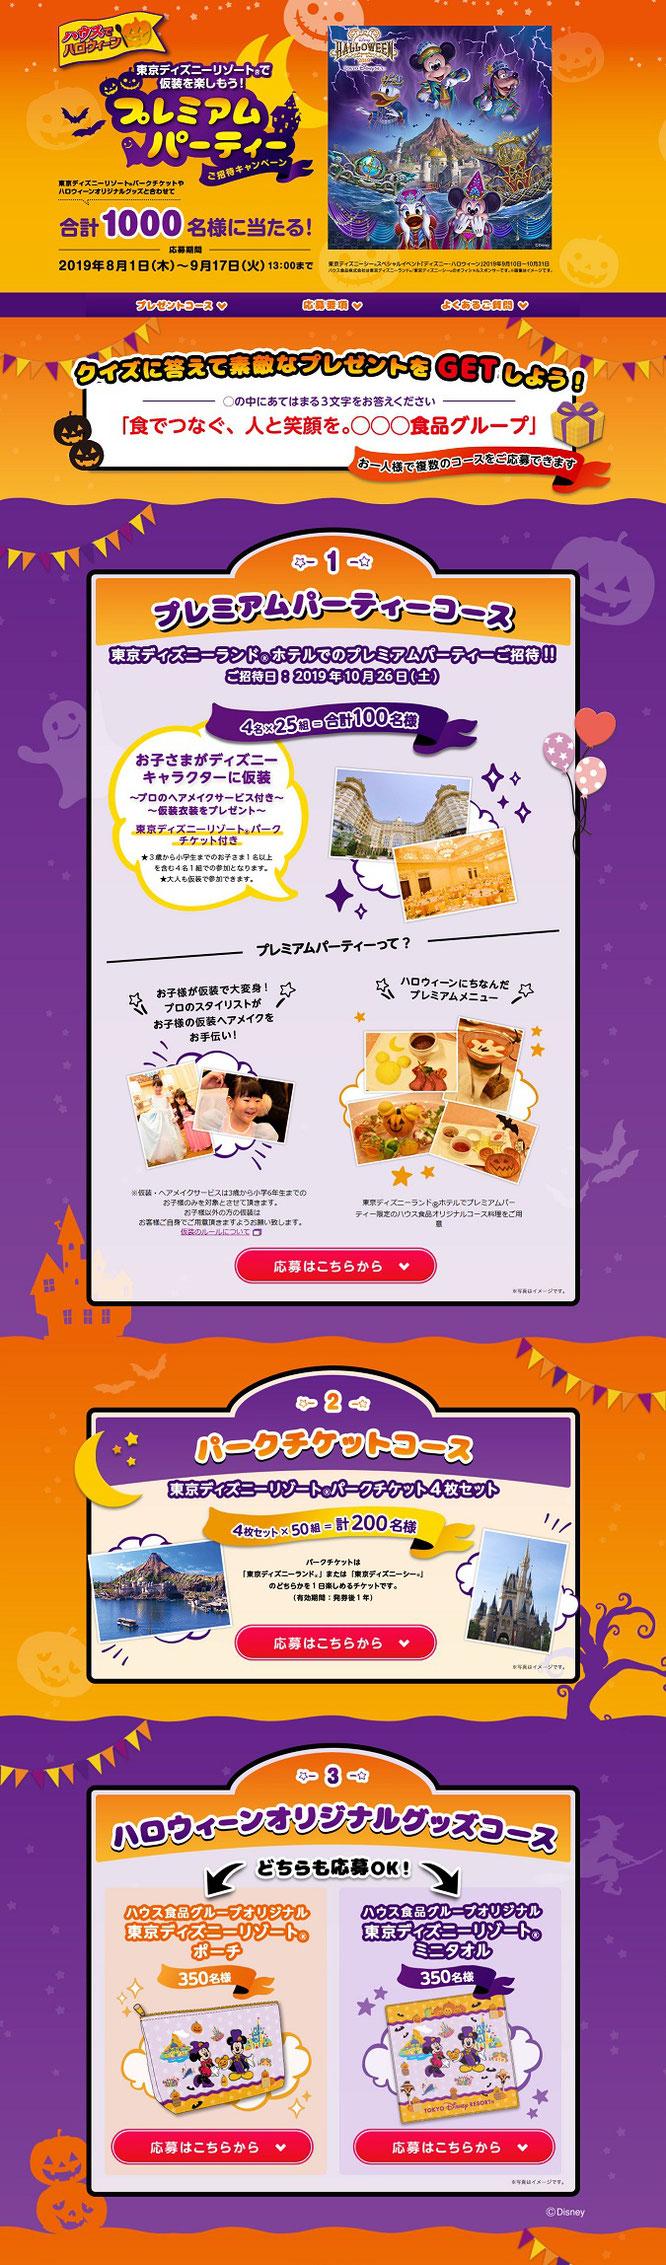 【ハウス食品】ディズニー ハロウィーンパーティーご招待キャンペーン